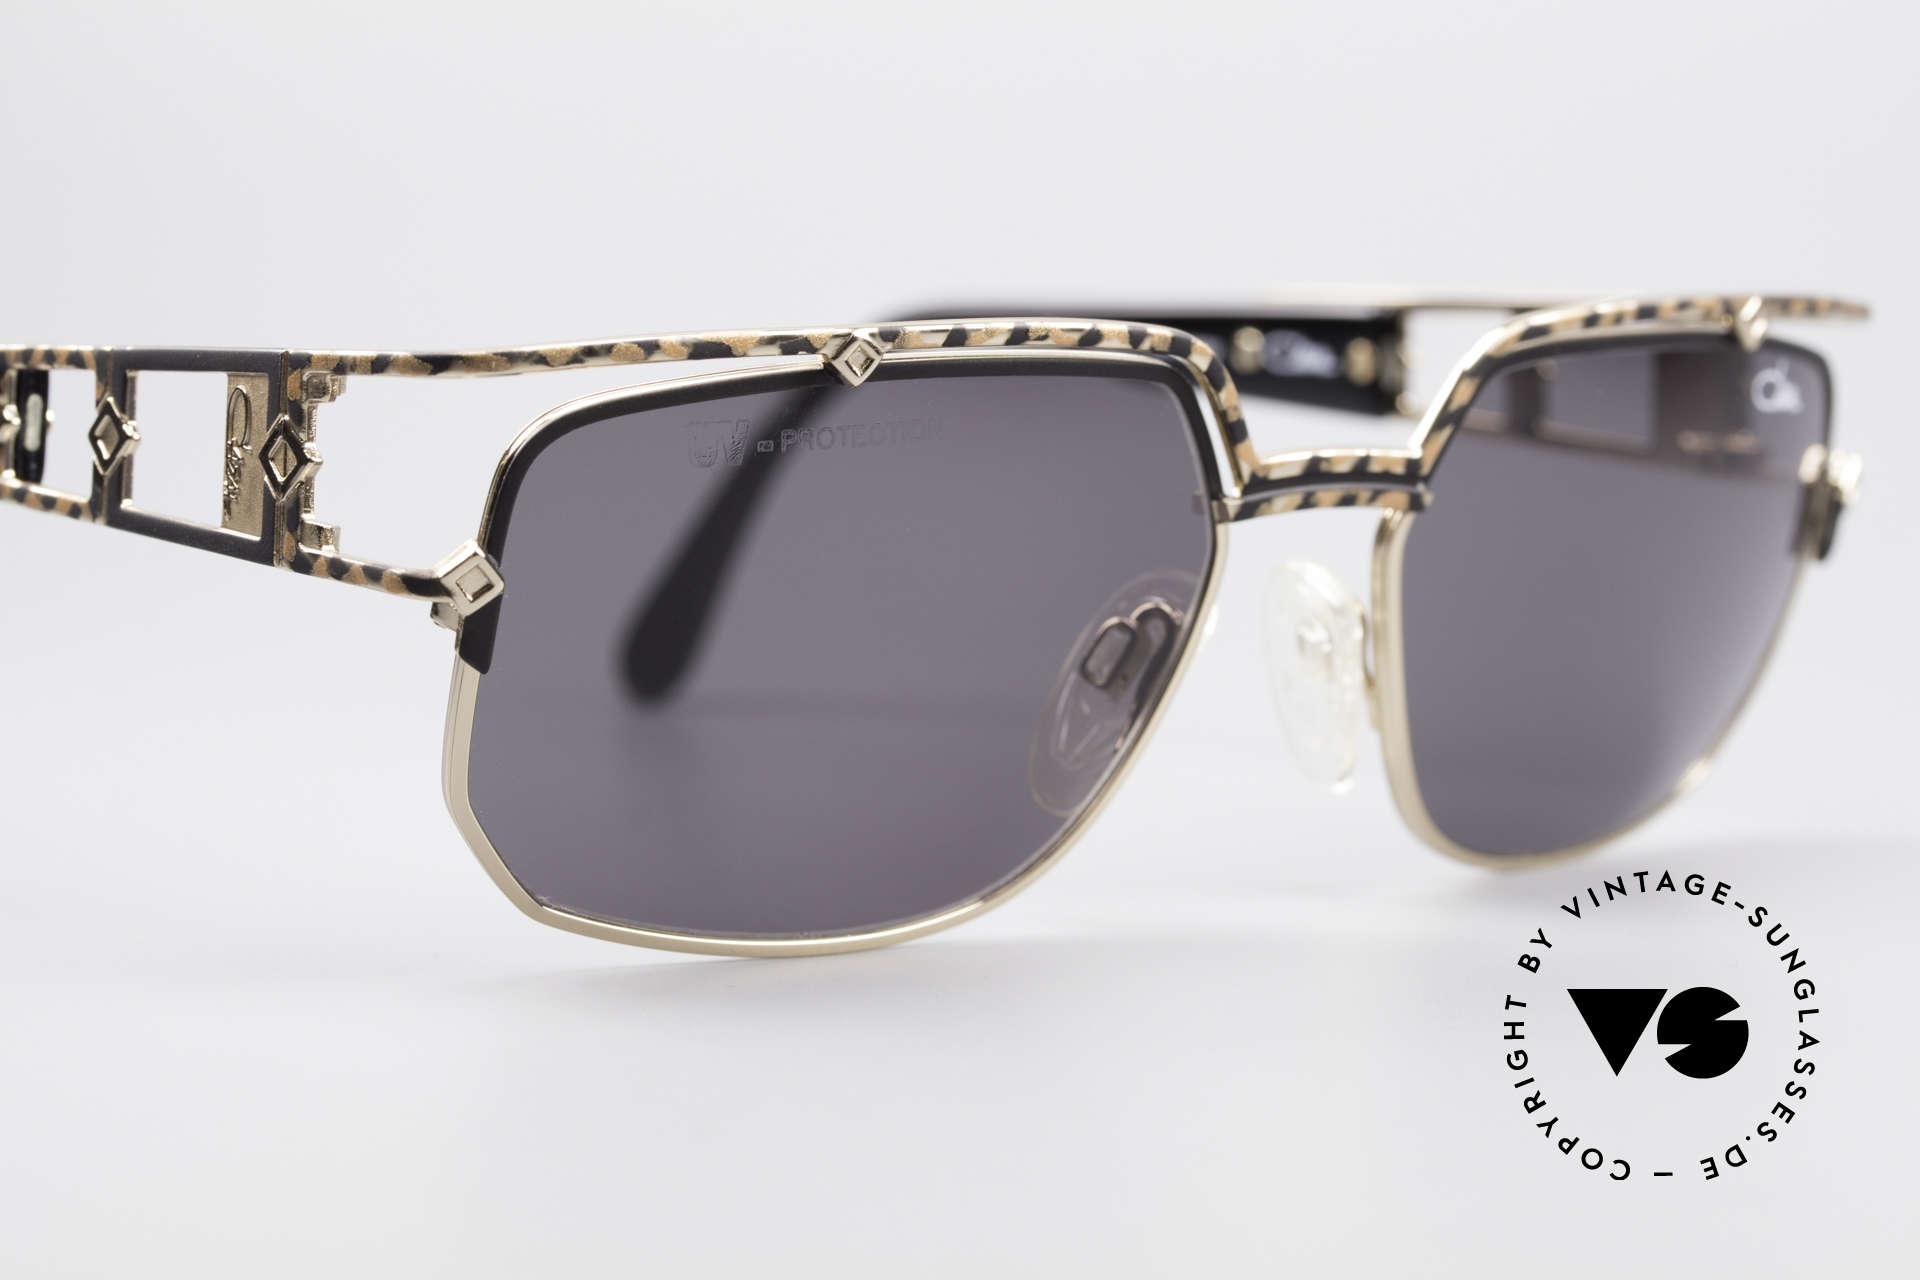 Cazal 979 Vintage Damen Sonnenbrille, ungetragen (wie alle unsere 90er Cazal vintage Brillen), Passend für Damen